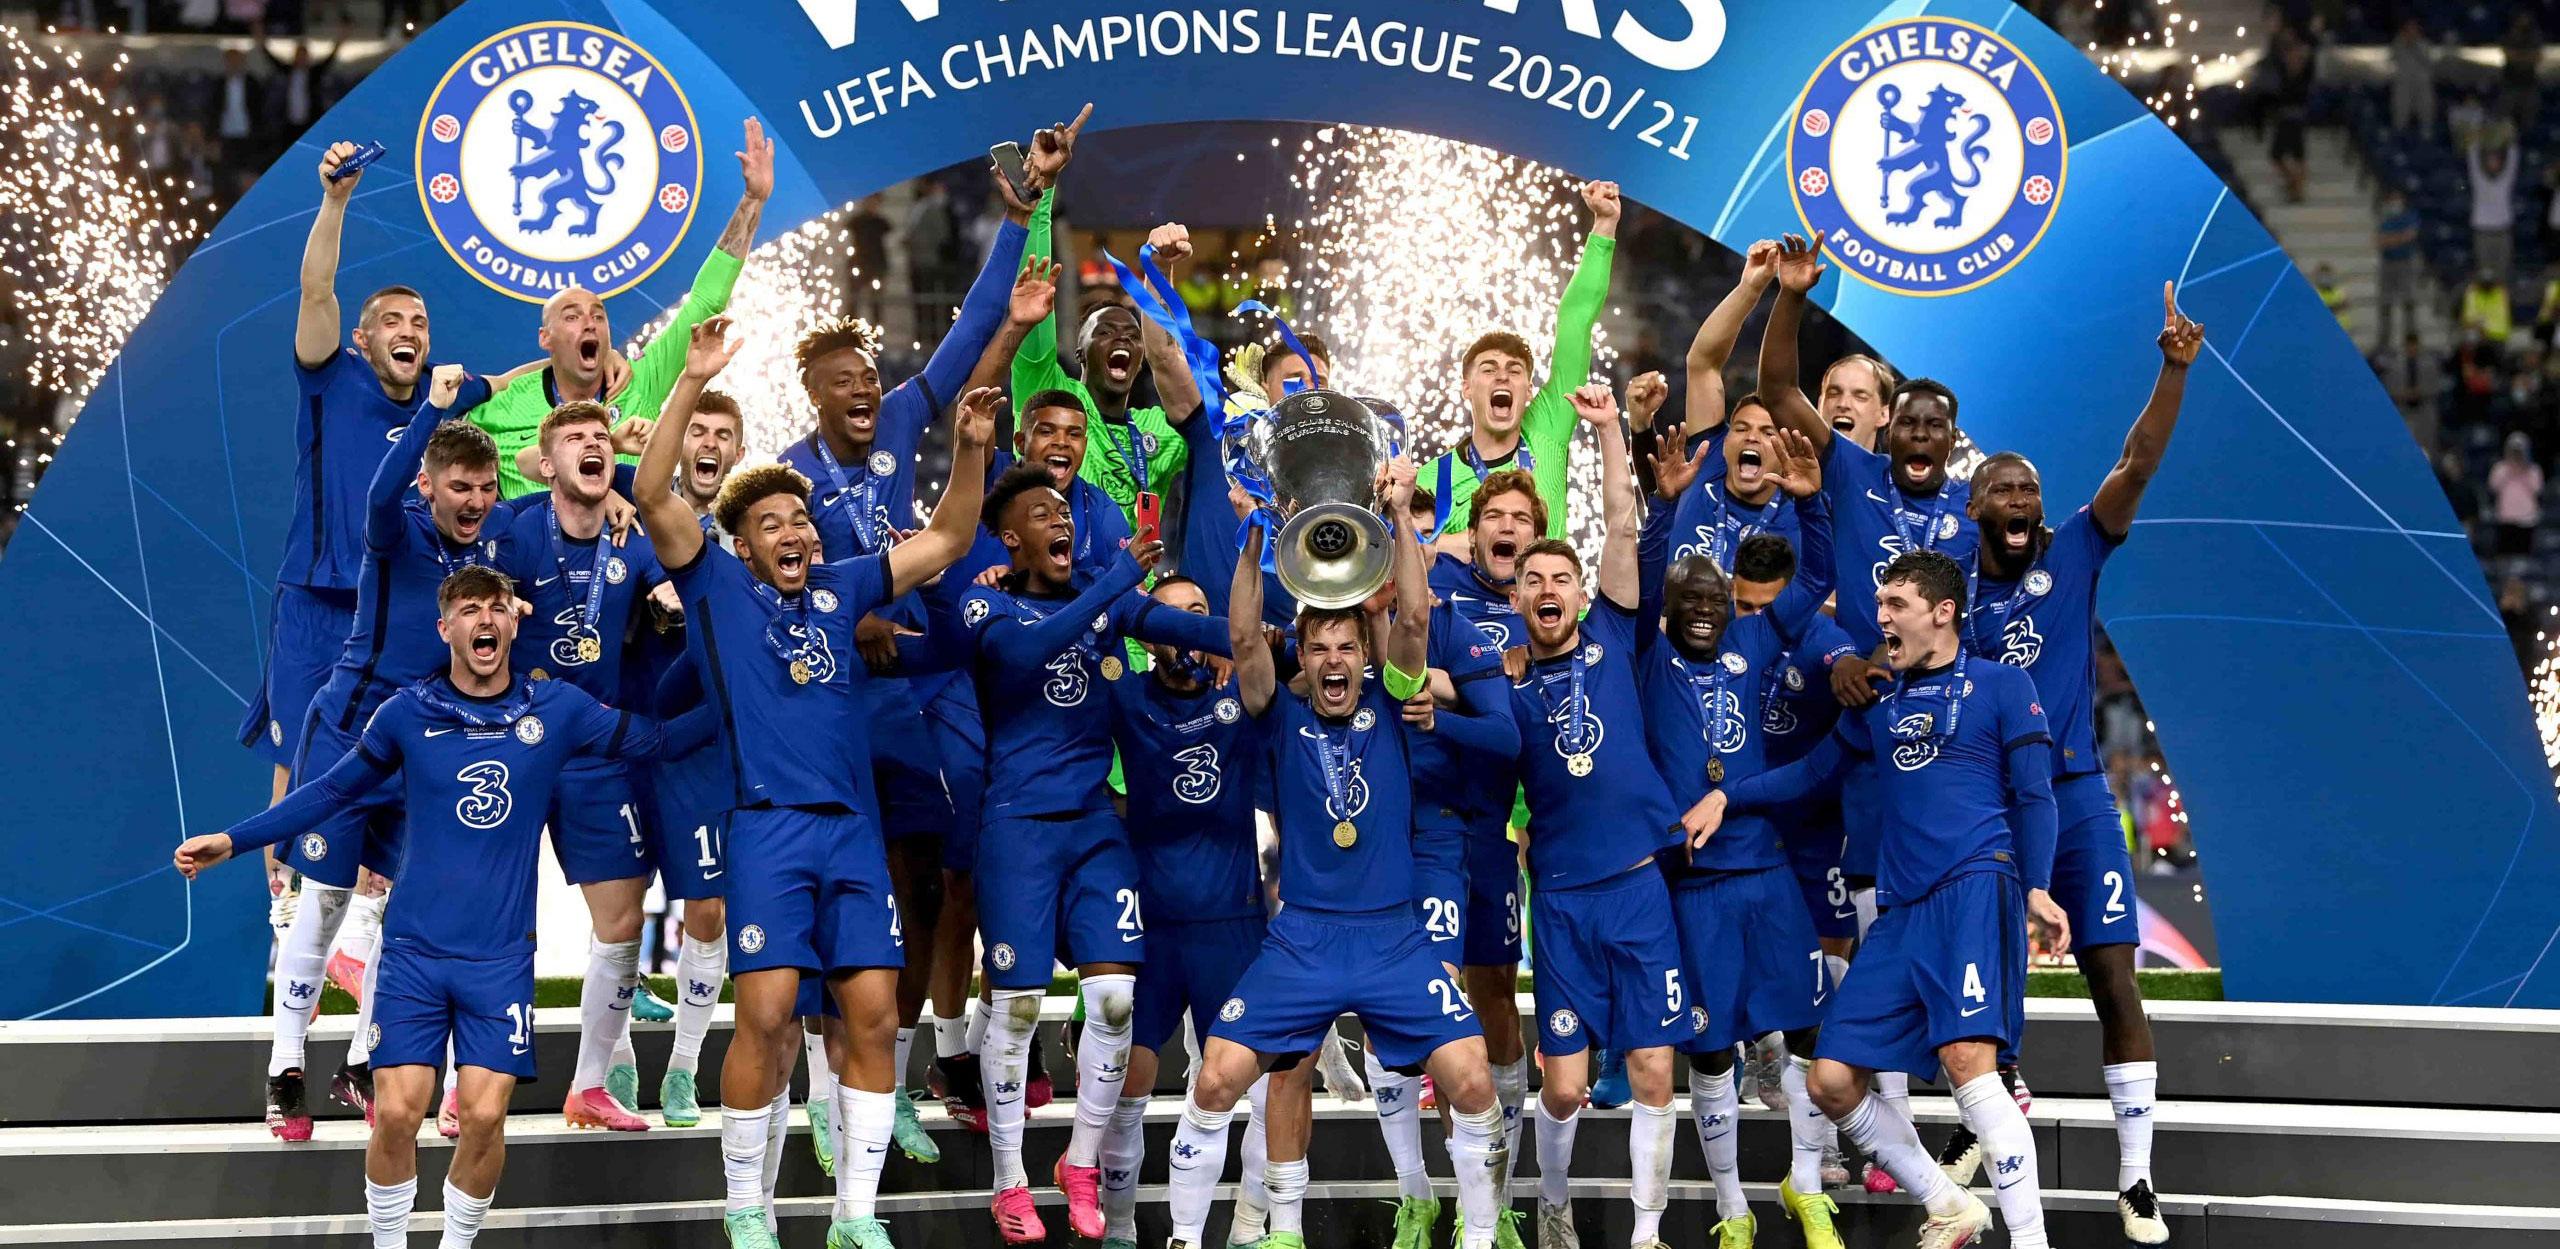 باشگاه ورزشی چلسی (.Chelsea F.C)